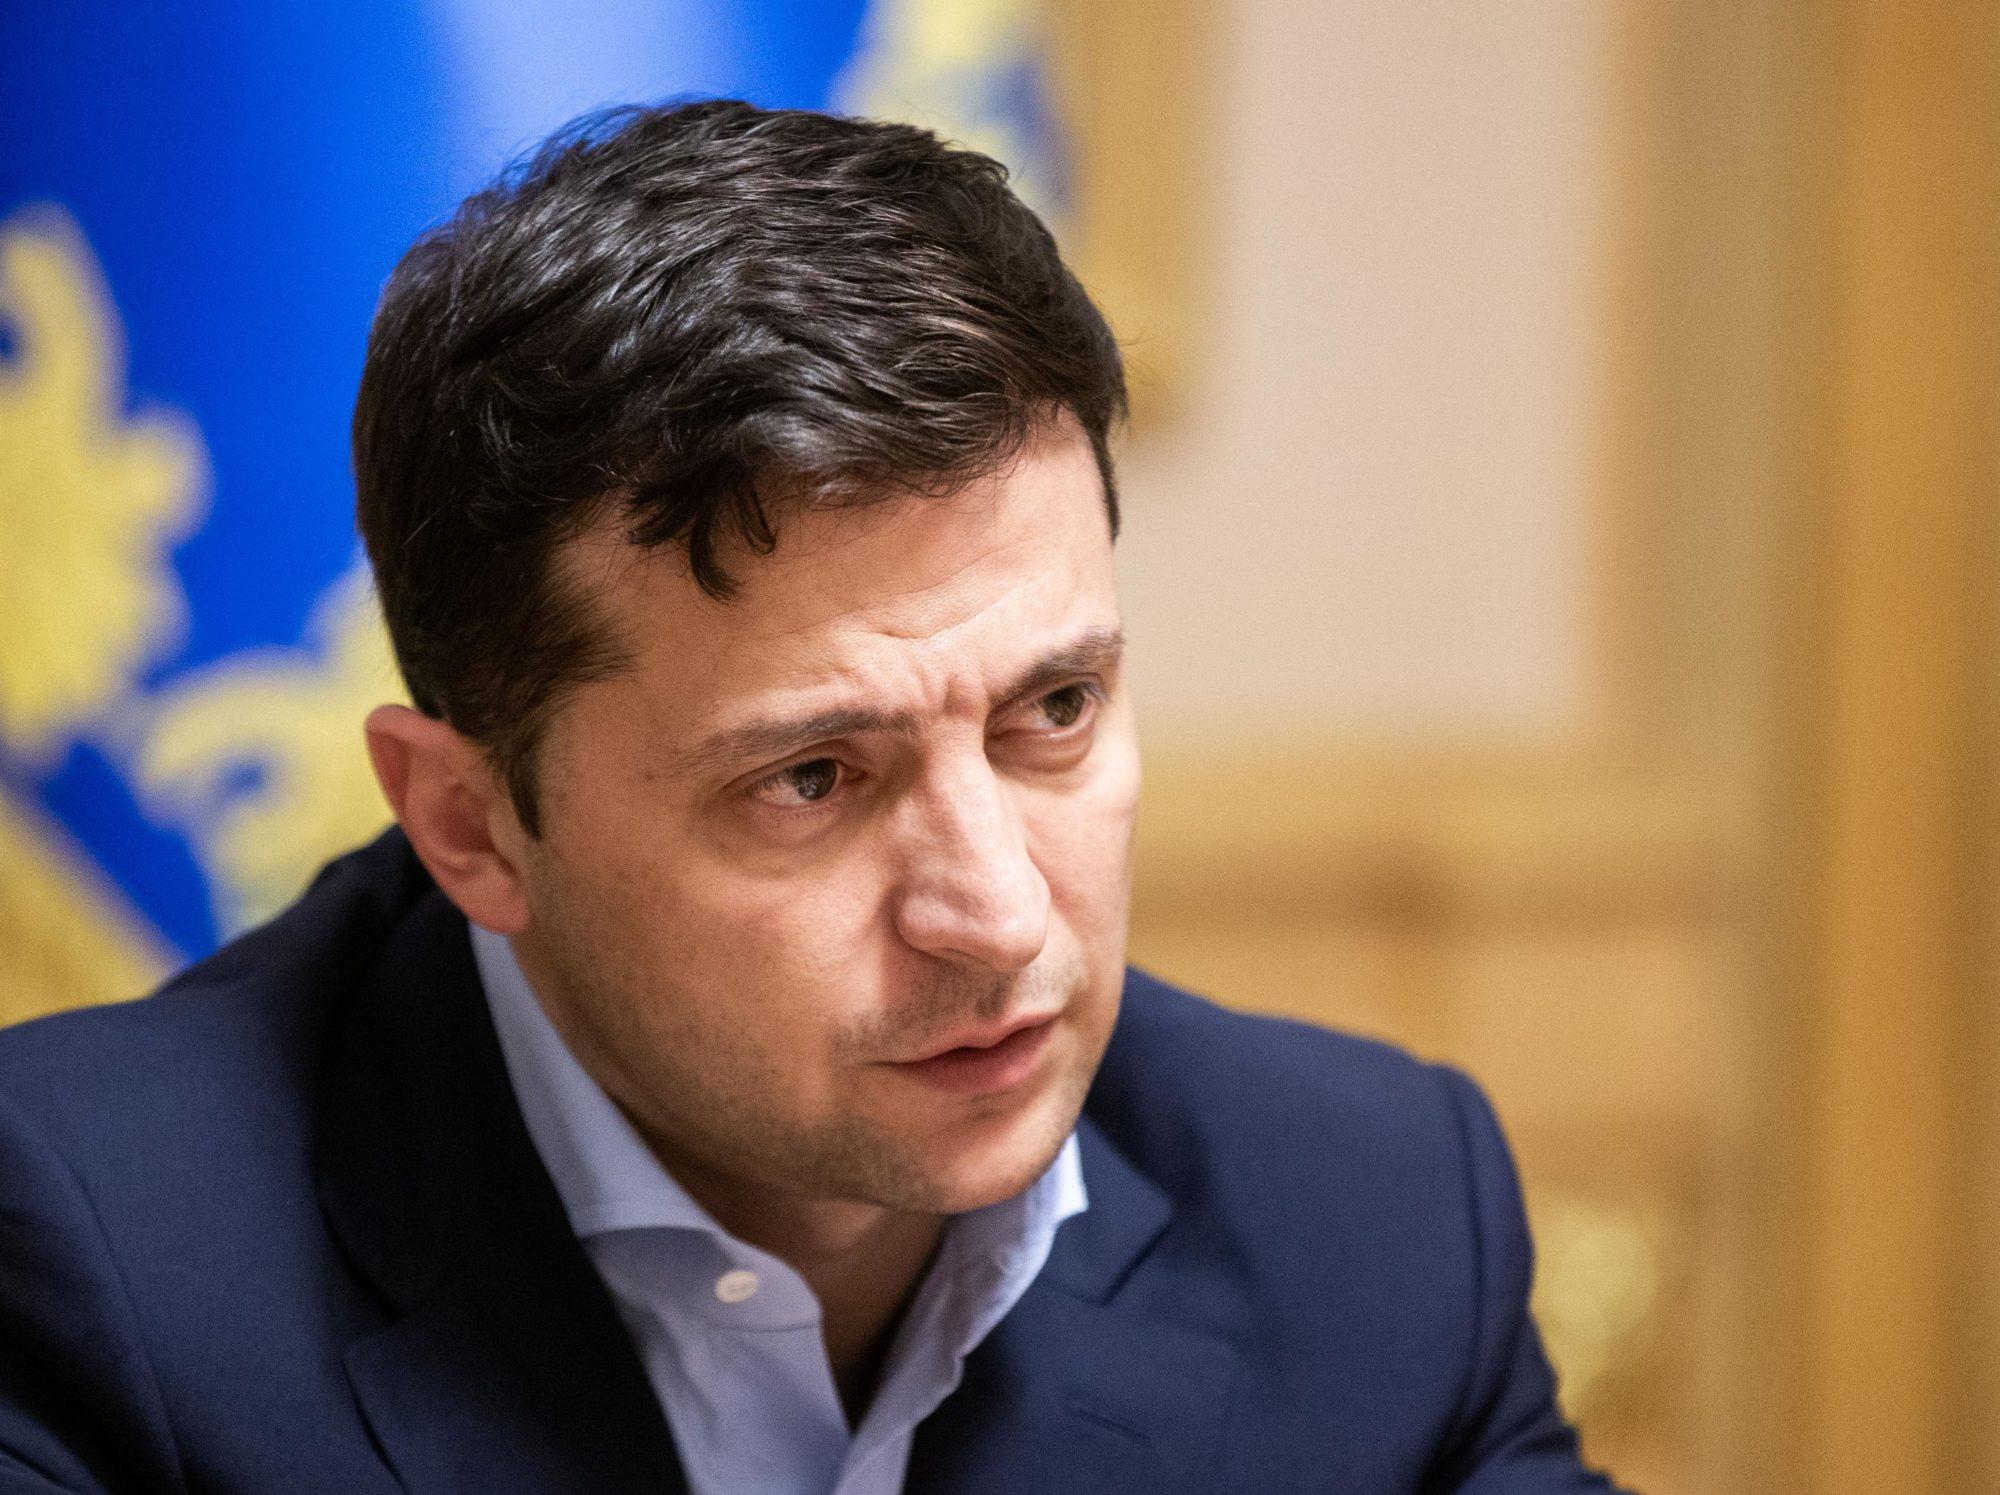 Зеленський заявив про необхідність аудиту всіх житлових будинків -  - volod zelenskiy 2000x1495